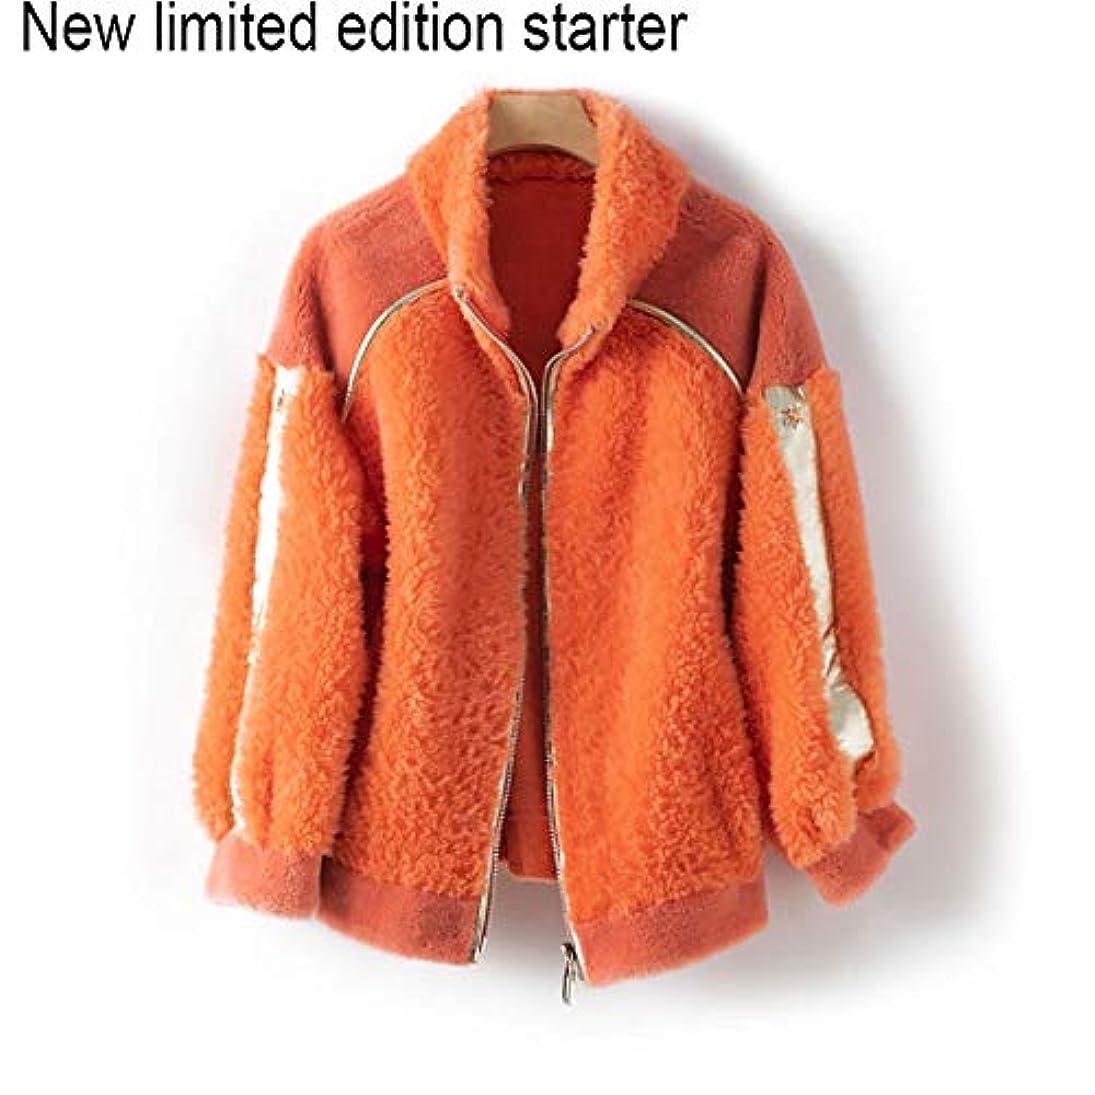 シェルター良い霧ウールコート、シープスキンコート19秋冬用シープシアードコートウィメンズロングブレザーコートウィメンズジョイフルウィンタージャケットコート,オレンジ色,S